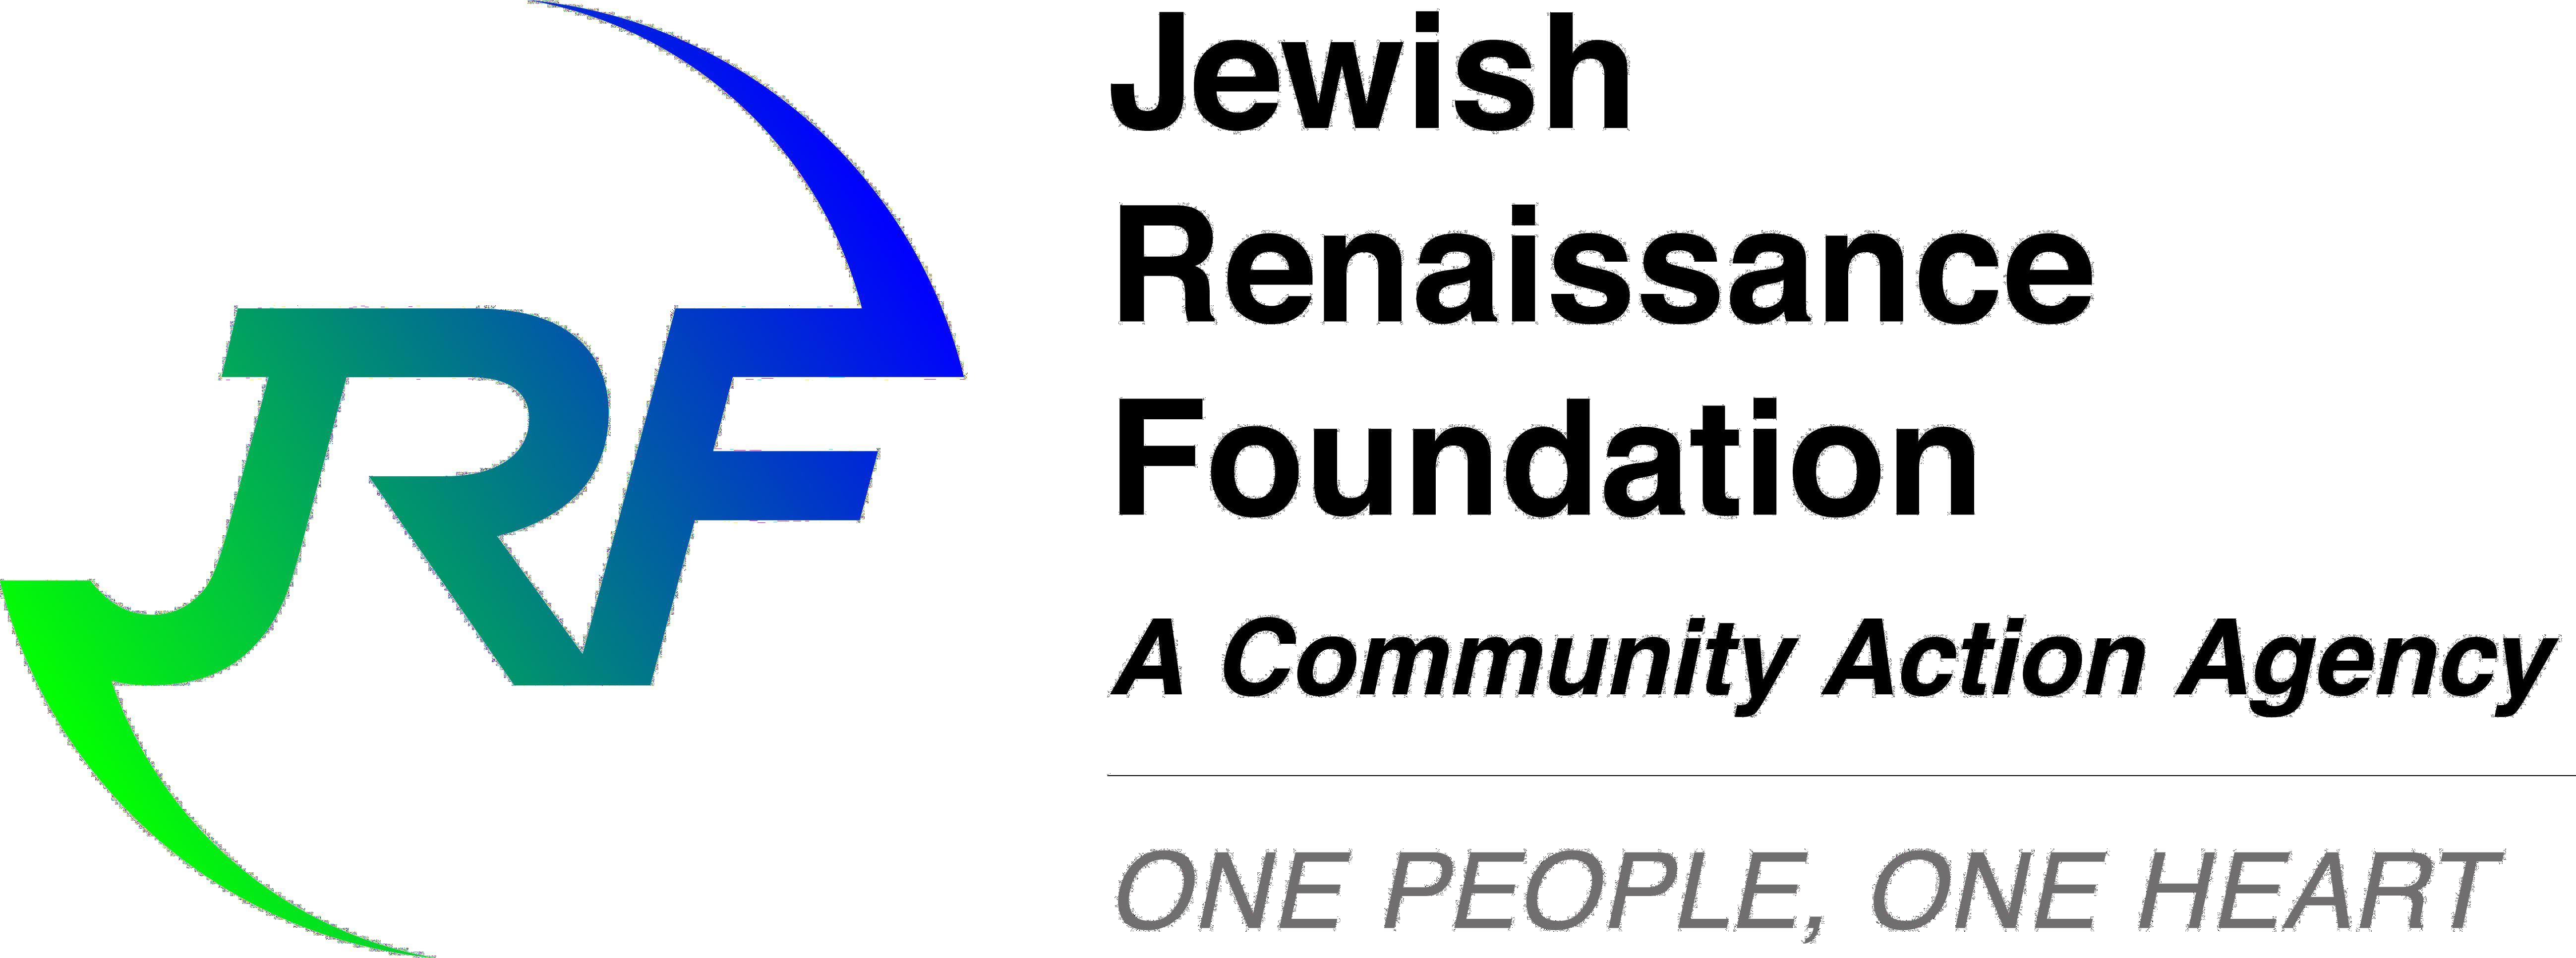 Jewish Renaissance Foundation : About Us : Jewish